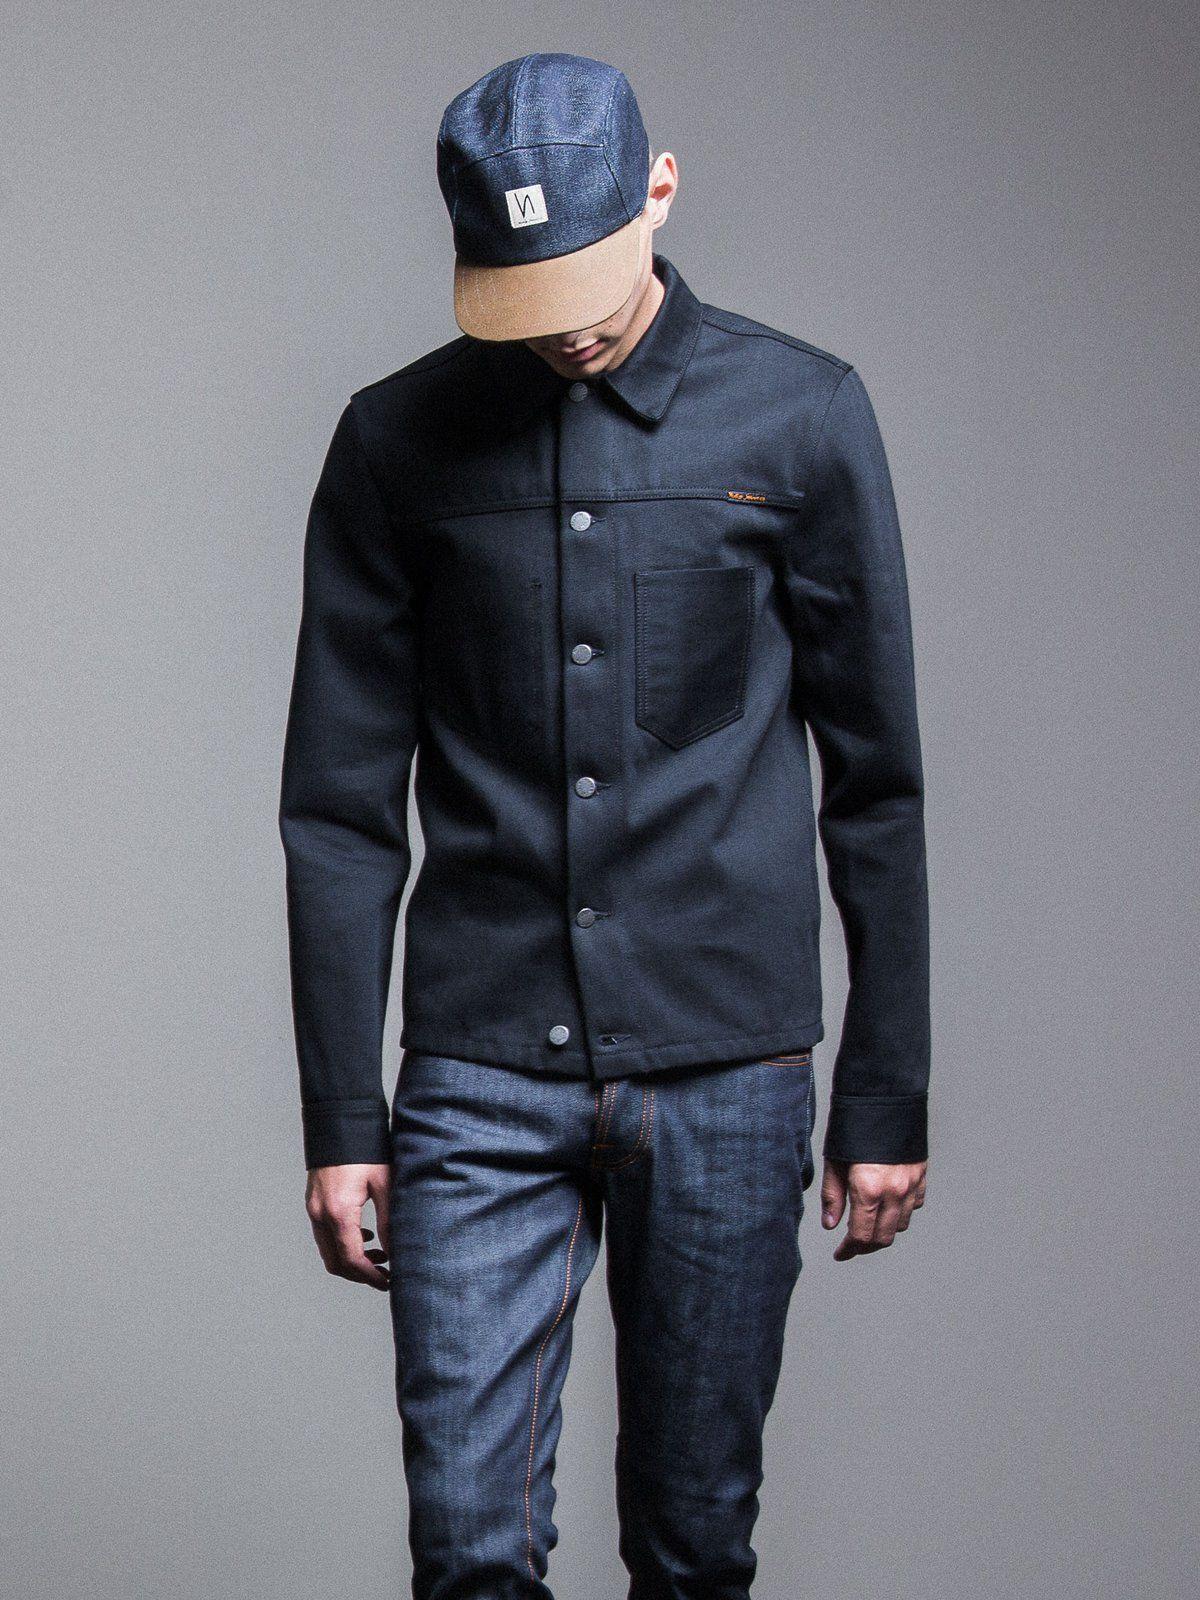 120f2ce63d8f Ronny Dry Black Selvage Denim - Nudie Jeans | Raw Denim | Nudie ...